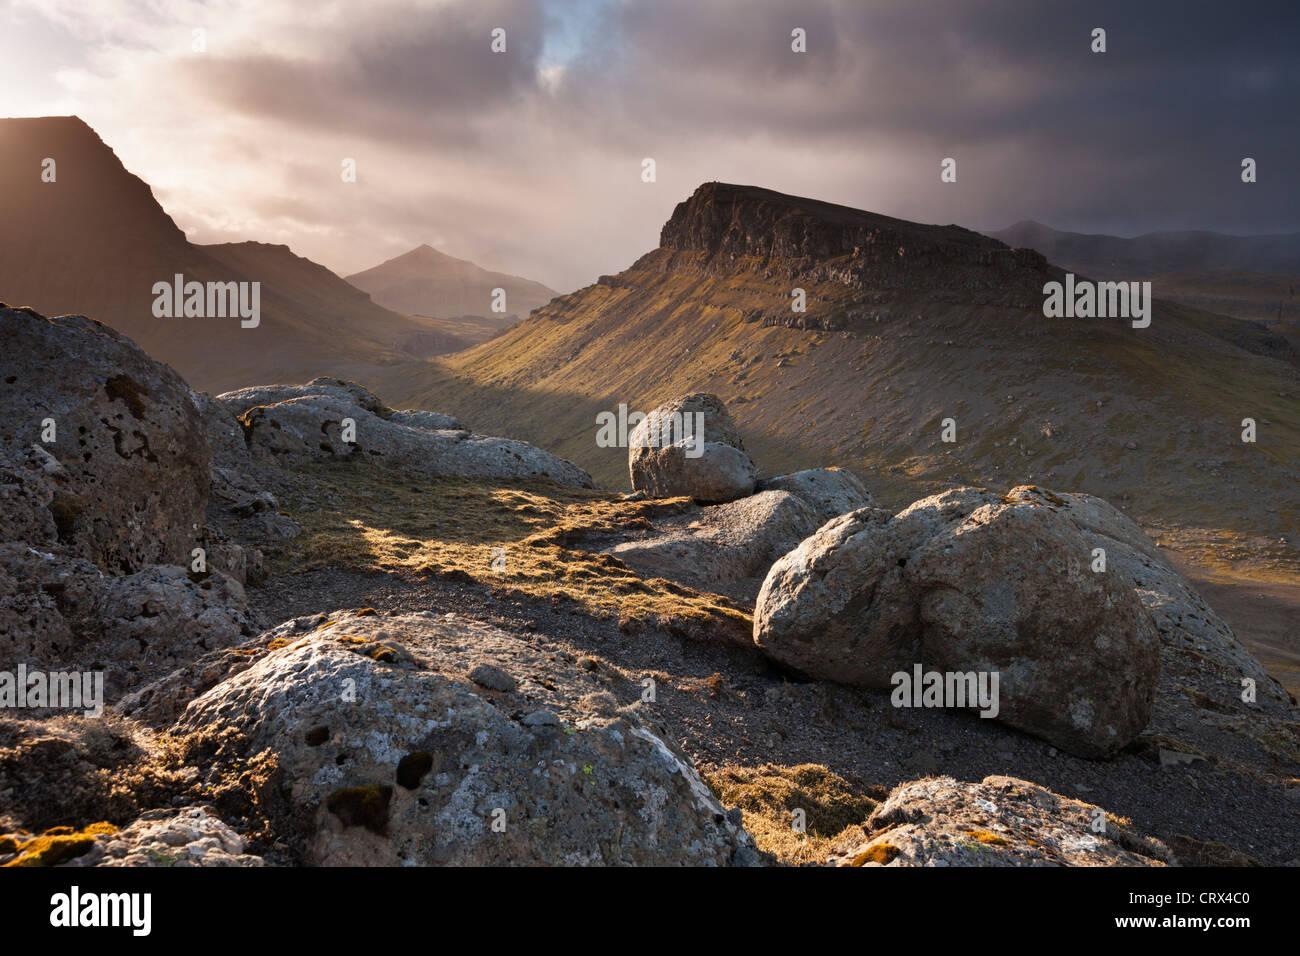 Montagnes de l'intérieur de l'île de Streymoy, une des îles Féroé. Printemps (juin) 2012. Banque D'Images